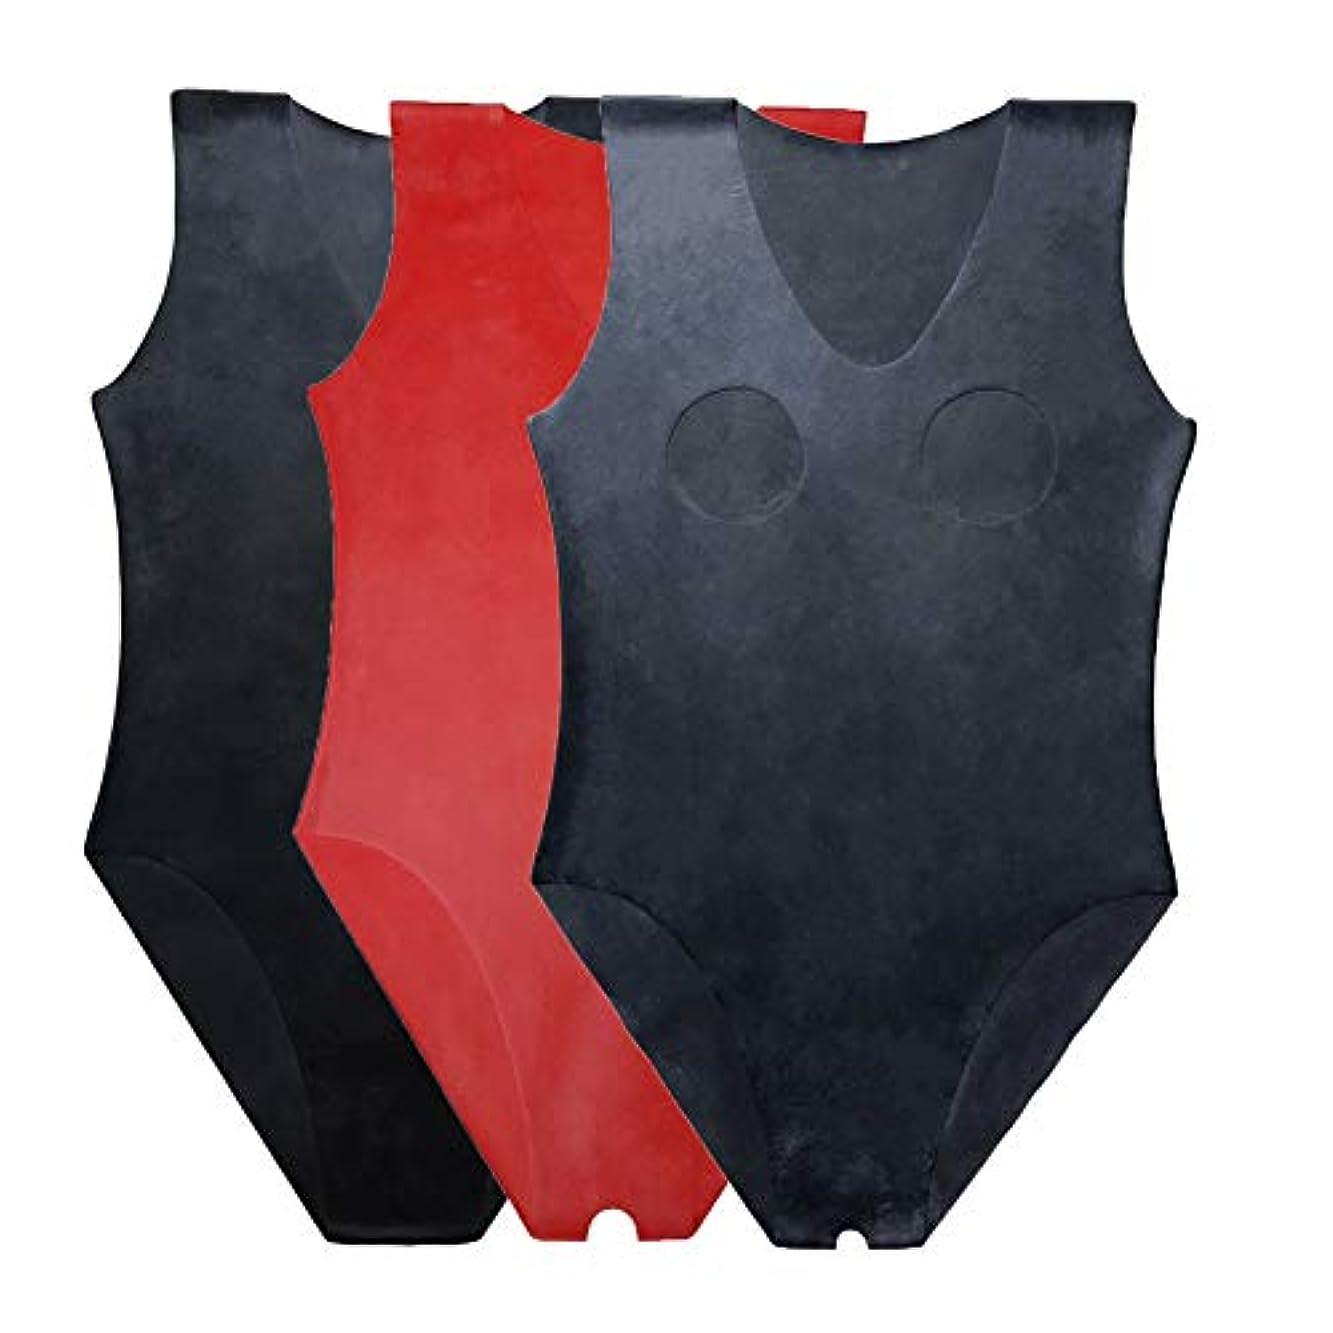 ジャーナリスト機構寝室EXLATEX ラテックス ボディスーツ 女性水着 ラテックス ラバー グミ レオタード ブラック カップレス ラテックス キャットスーツ